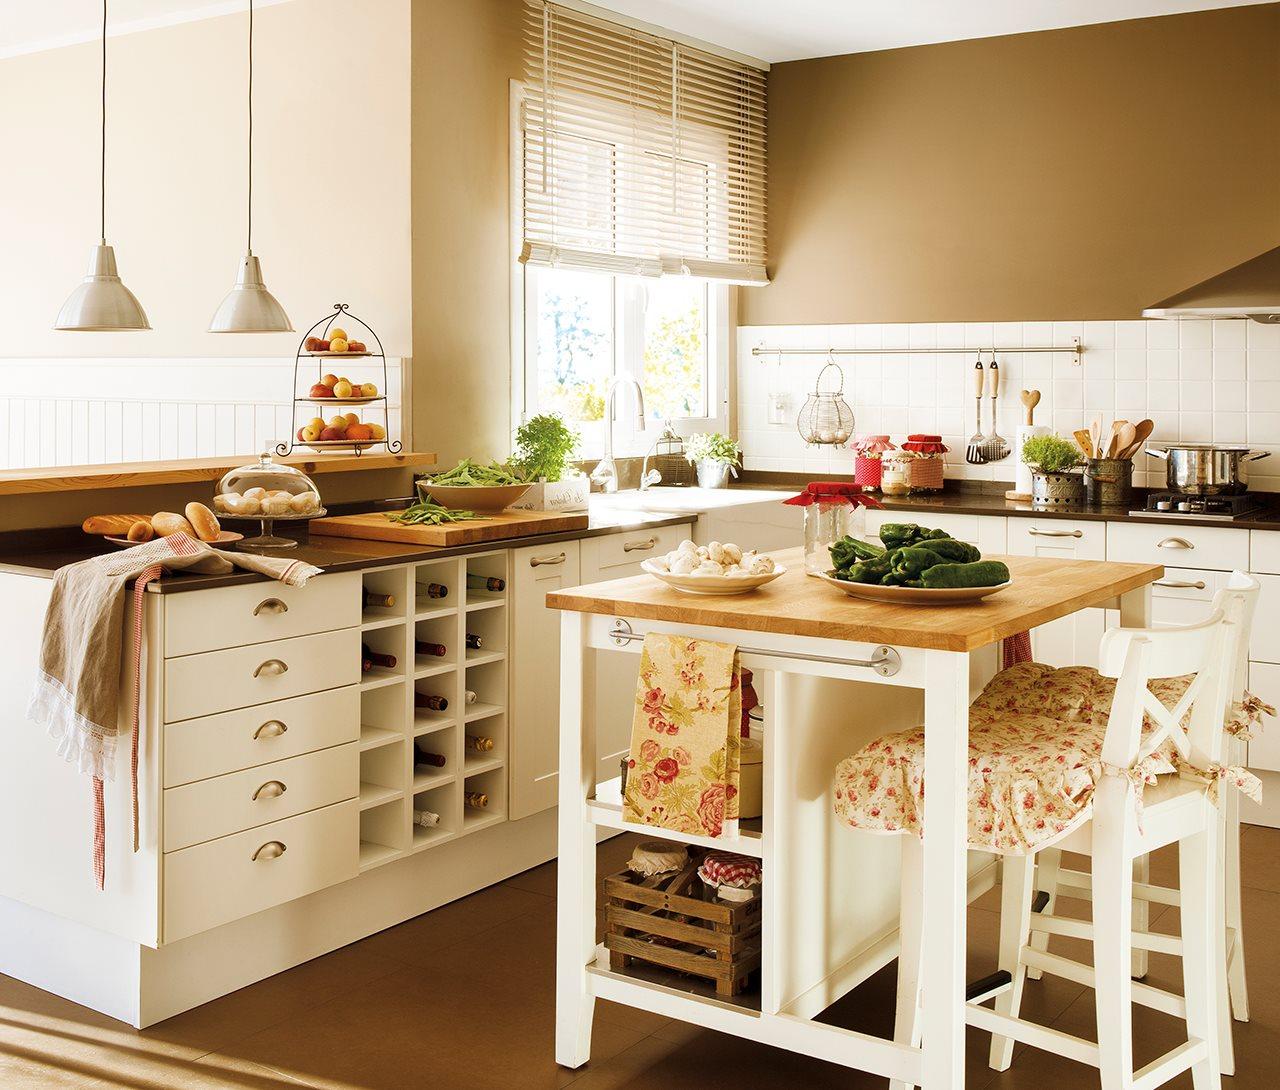 C mo aprovechar el espacio en cocinas peque as for Construir isla cocina